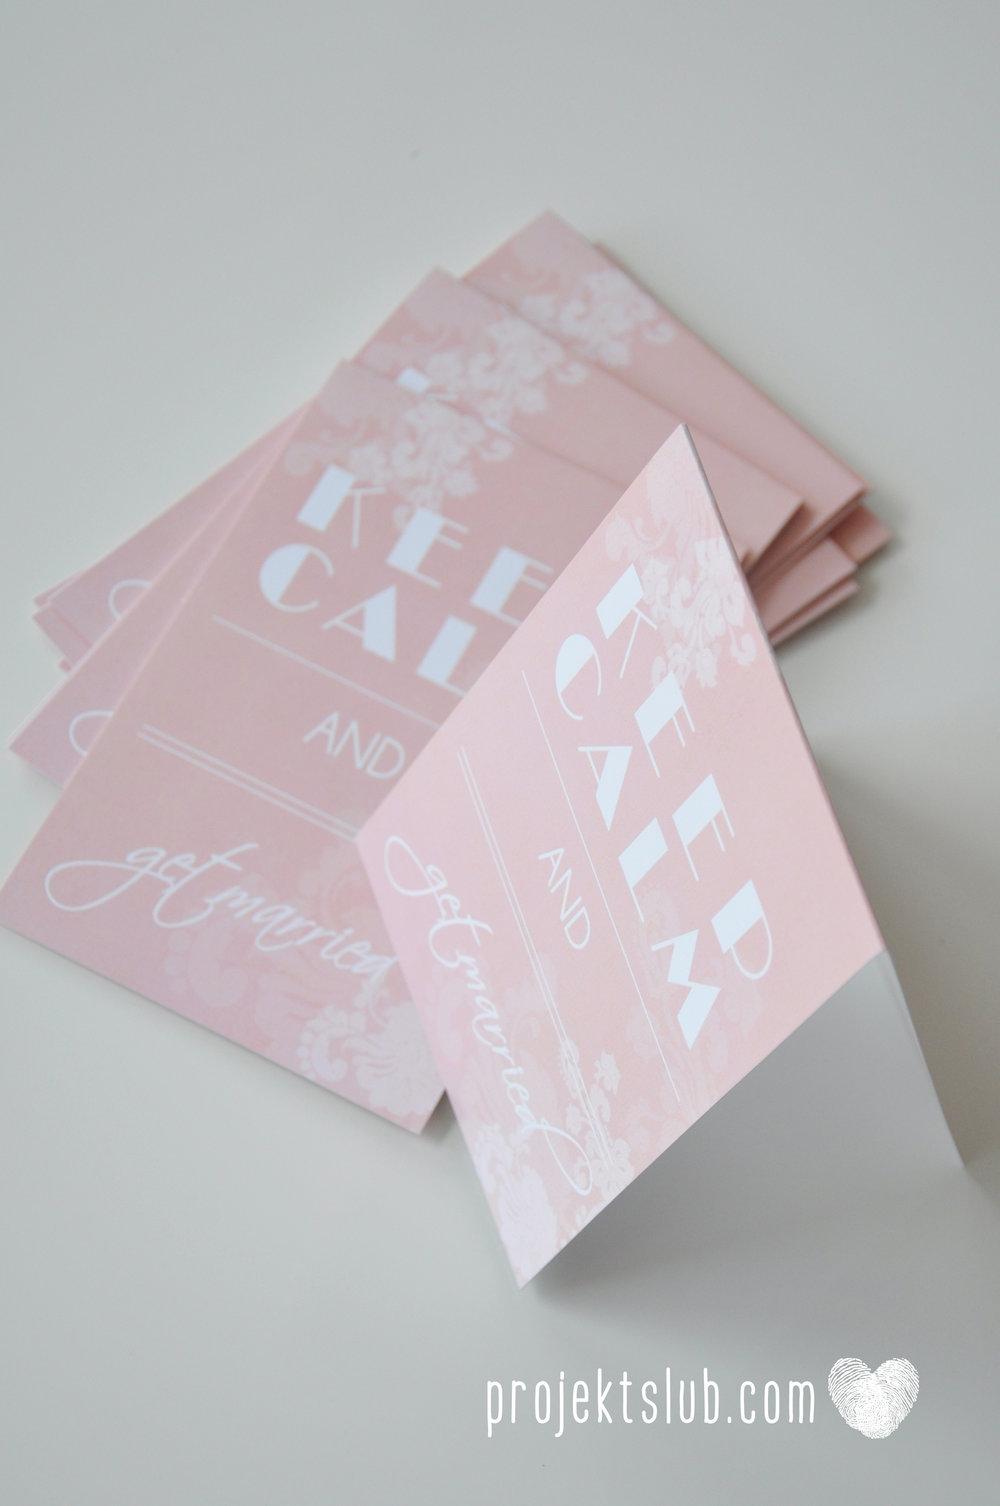 zaproszenia ślubne pudrowa elegancja róż pastele delikatne graficzne motywy klasyczny format projekt ślub (8).jpg